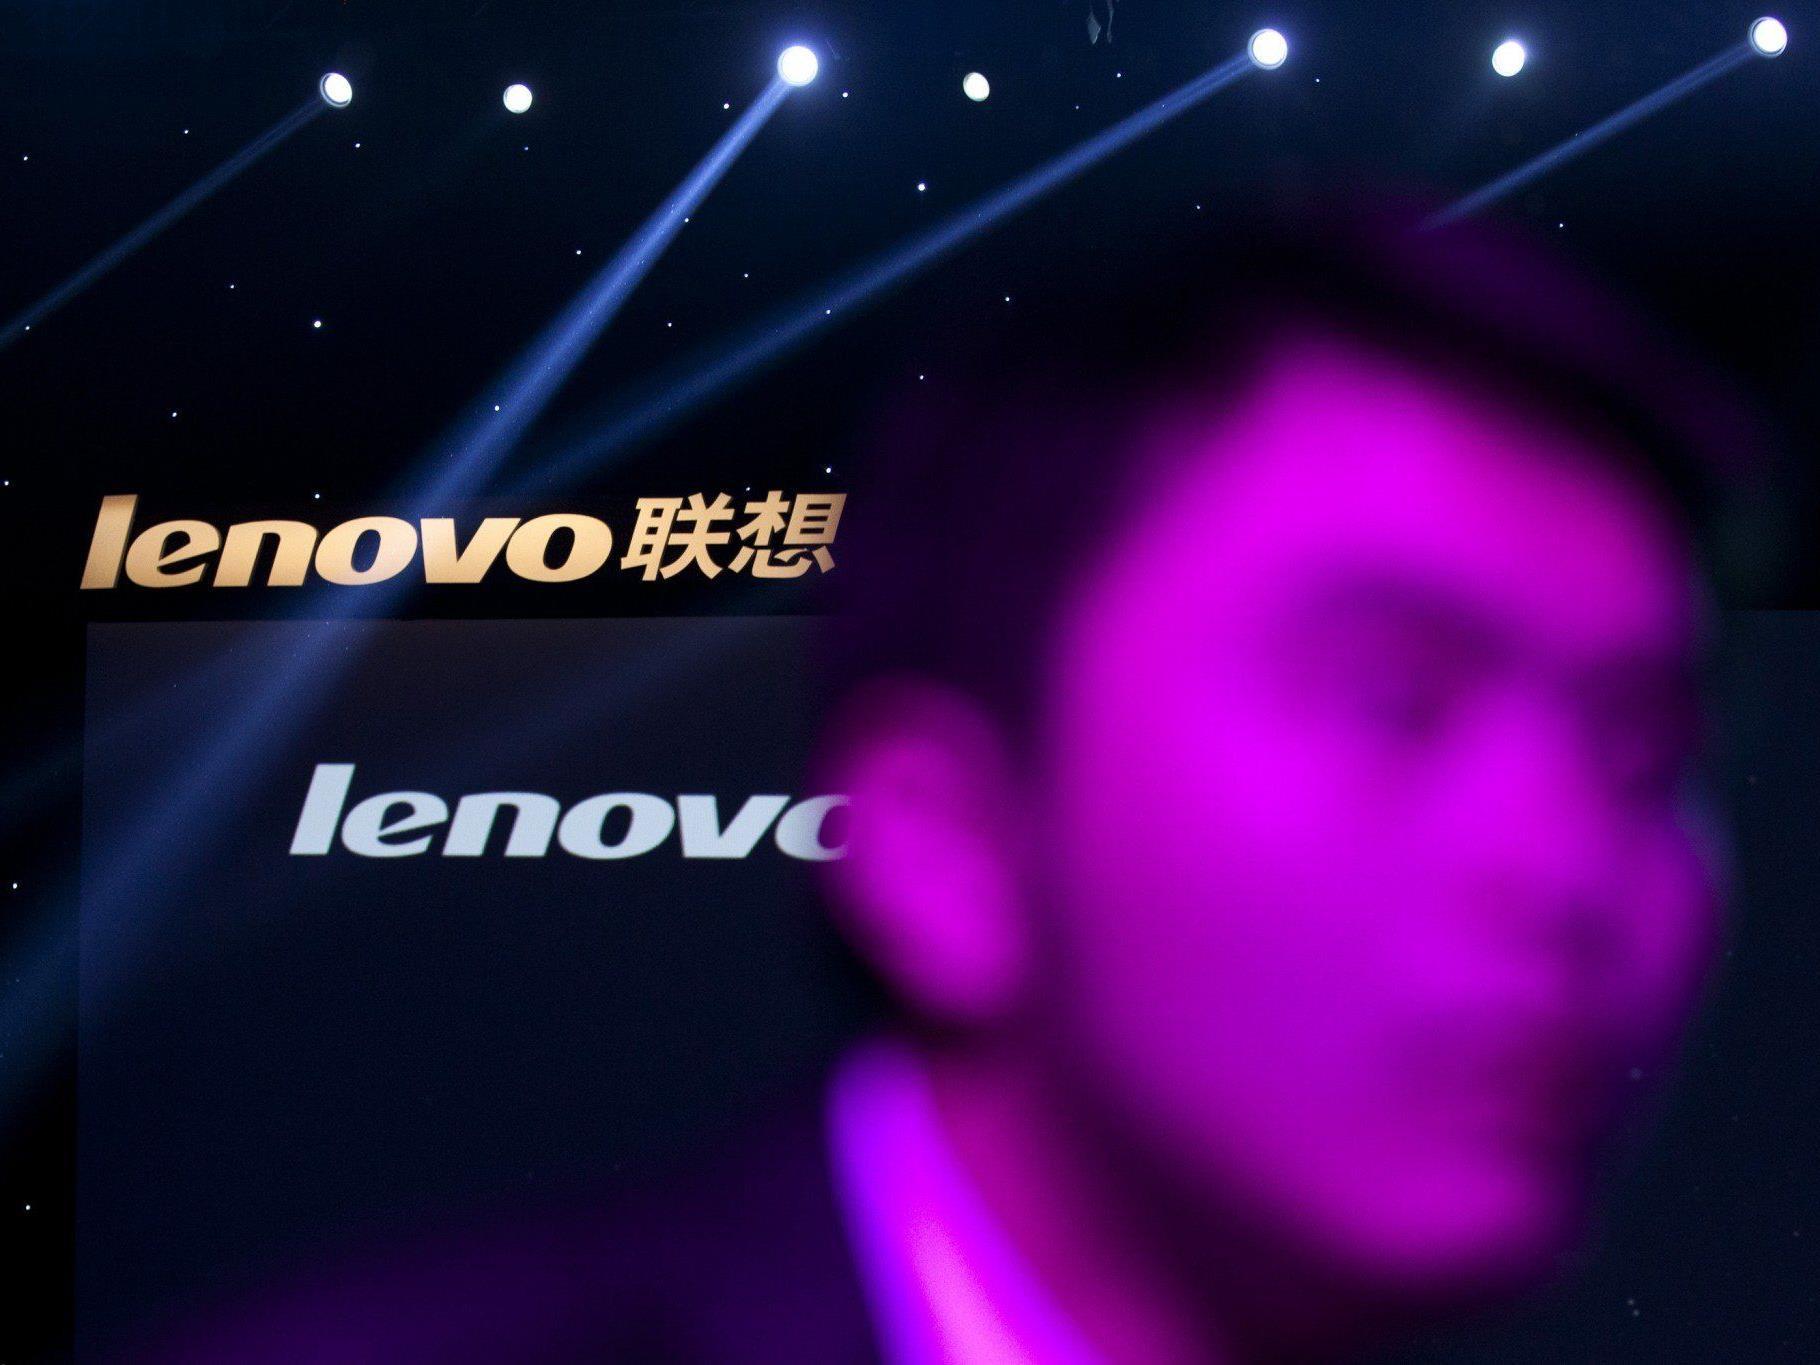 Lenovo: Vom Nischen-Player zum IT-Schwergewicht innerhalb von zehn Jahren